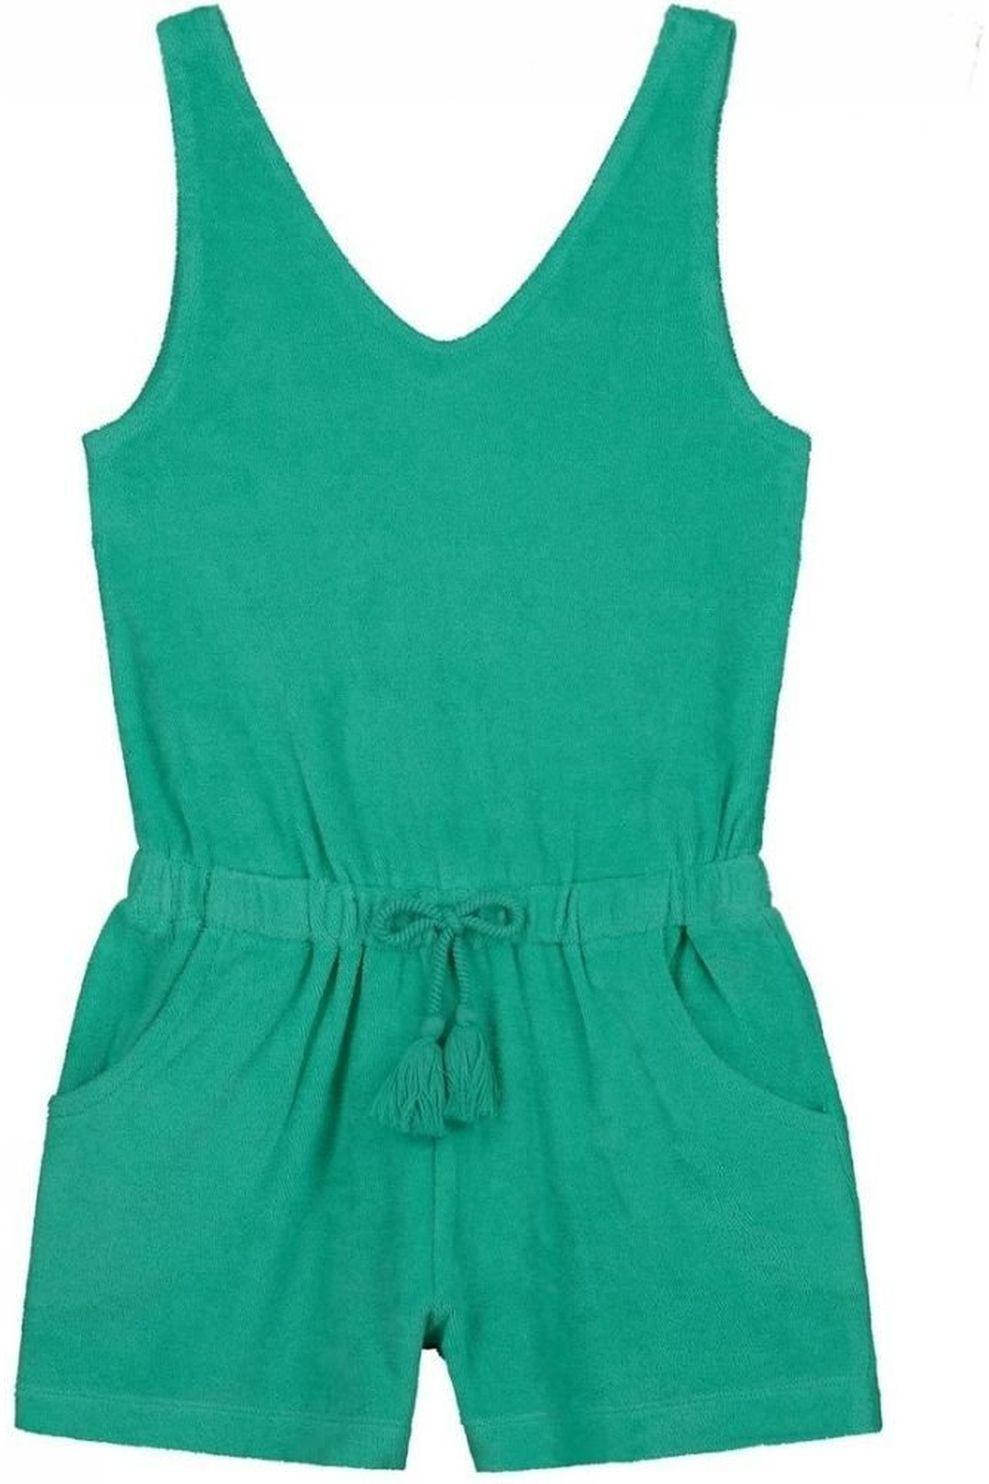 Shiwi Jumpsuit Terry voor meisjes - Groen - Maten: 128, 140, 152, 164